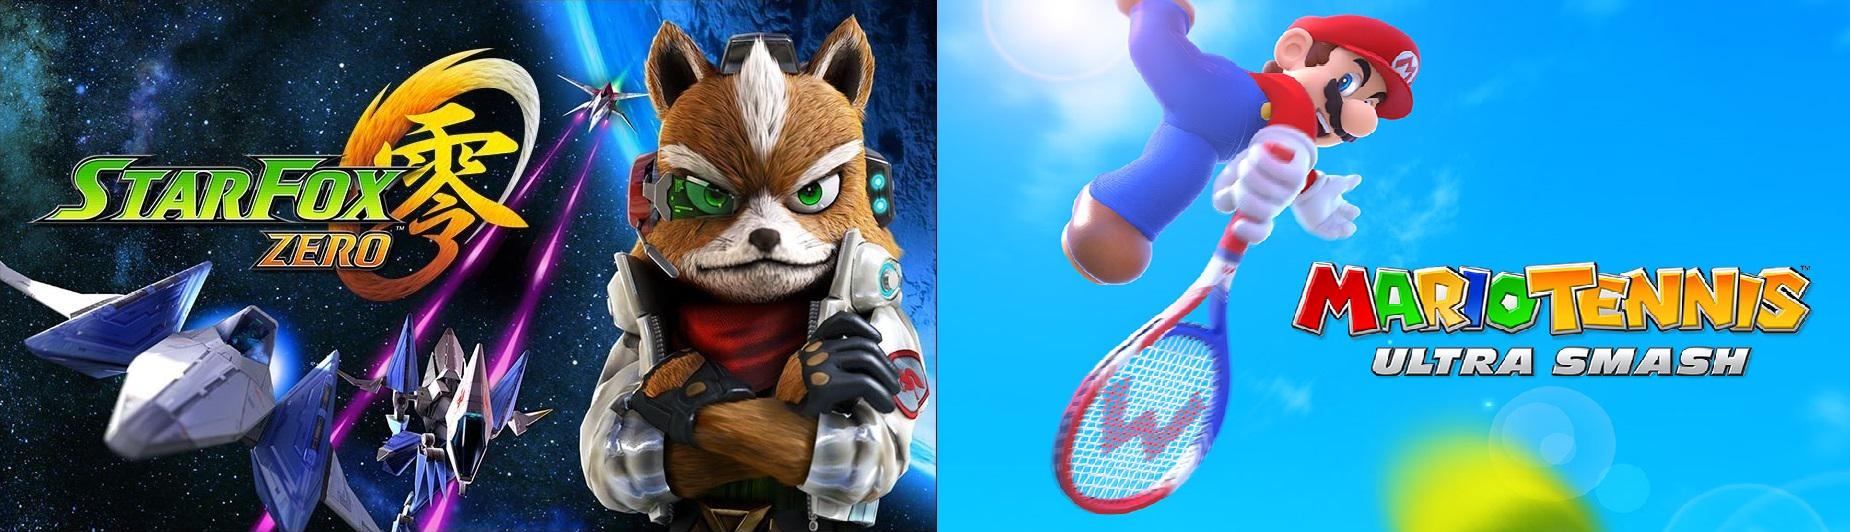 star fox zero - mario tennis ultra smash - banner